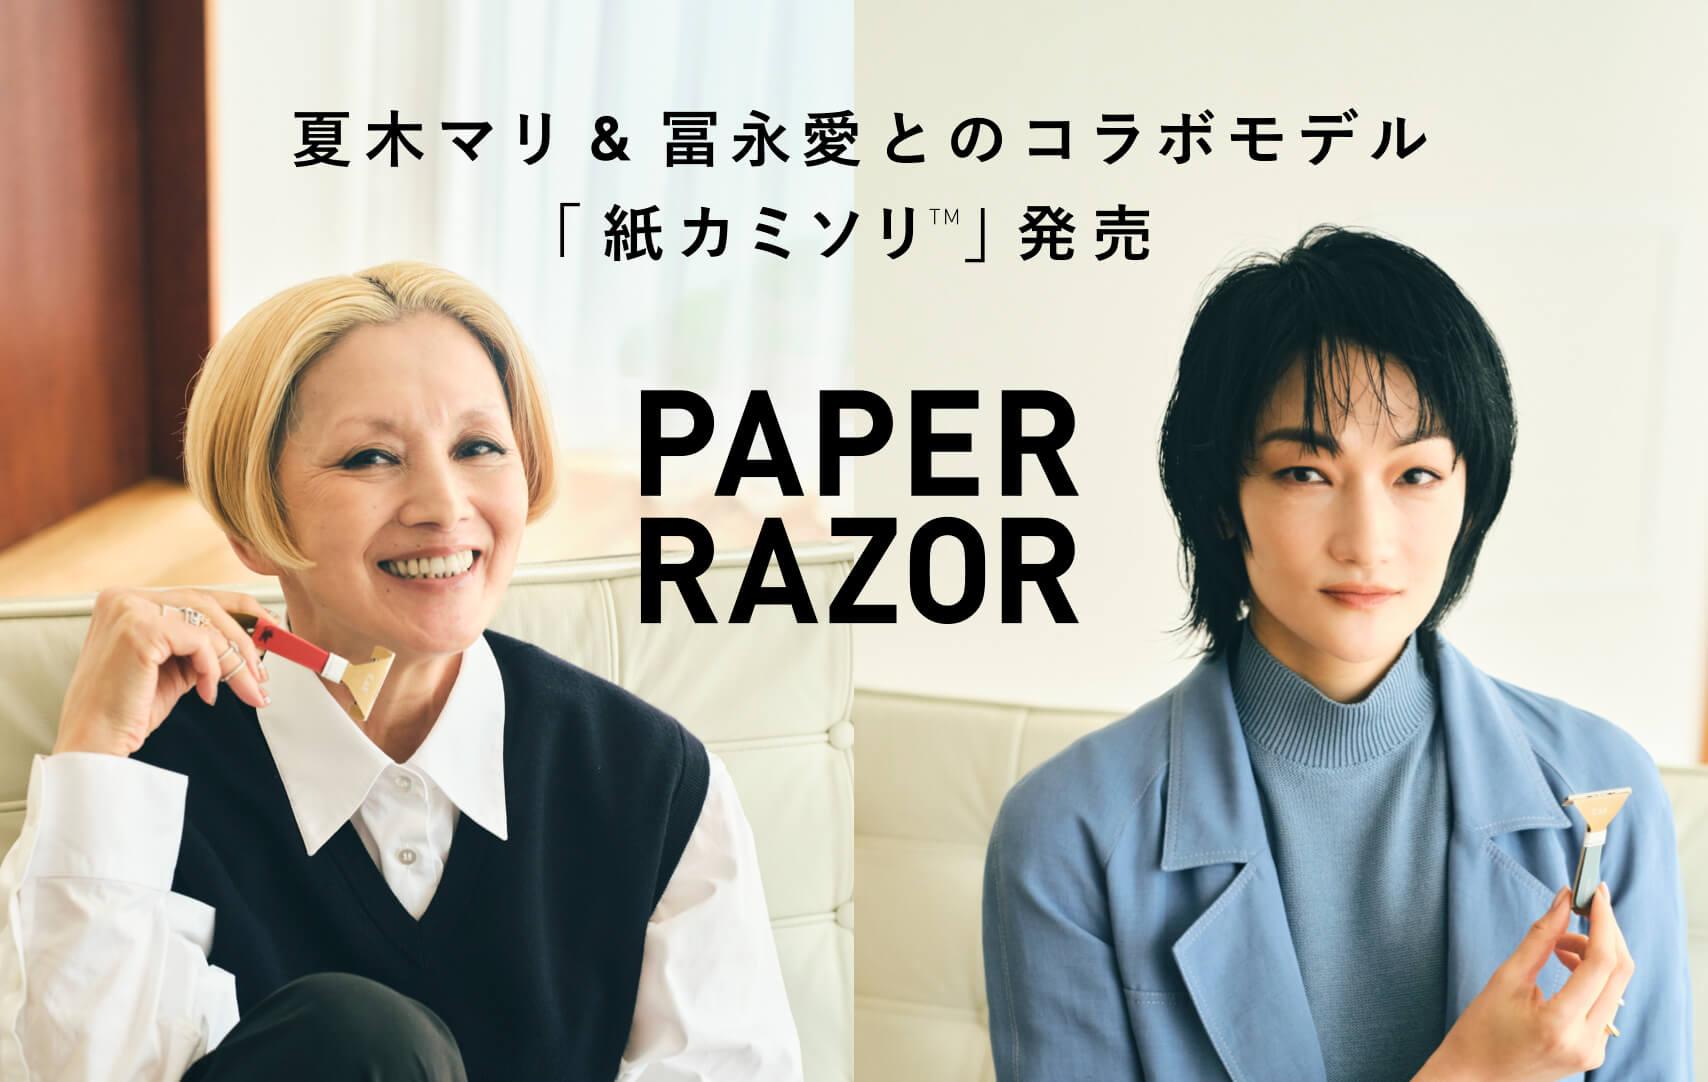 夏木マリ&冨永愛とのコラボモデル 紙カミソリ発売